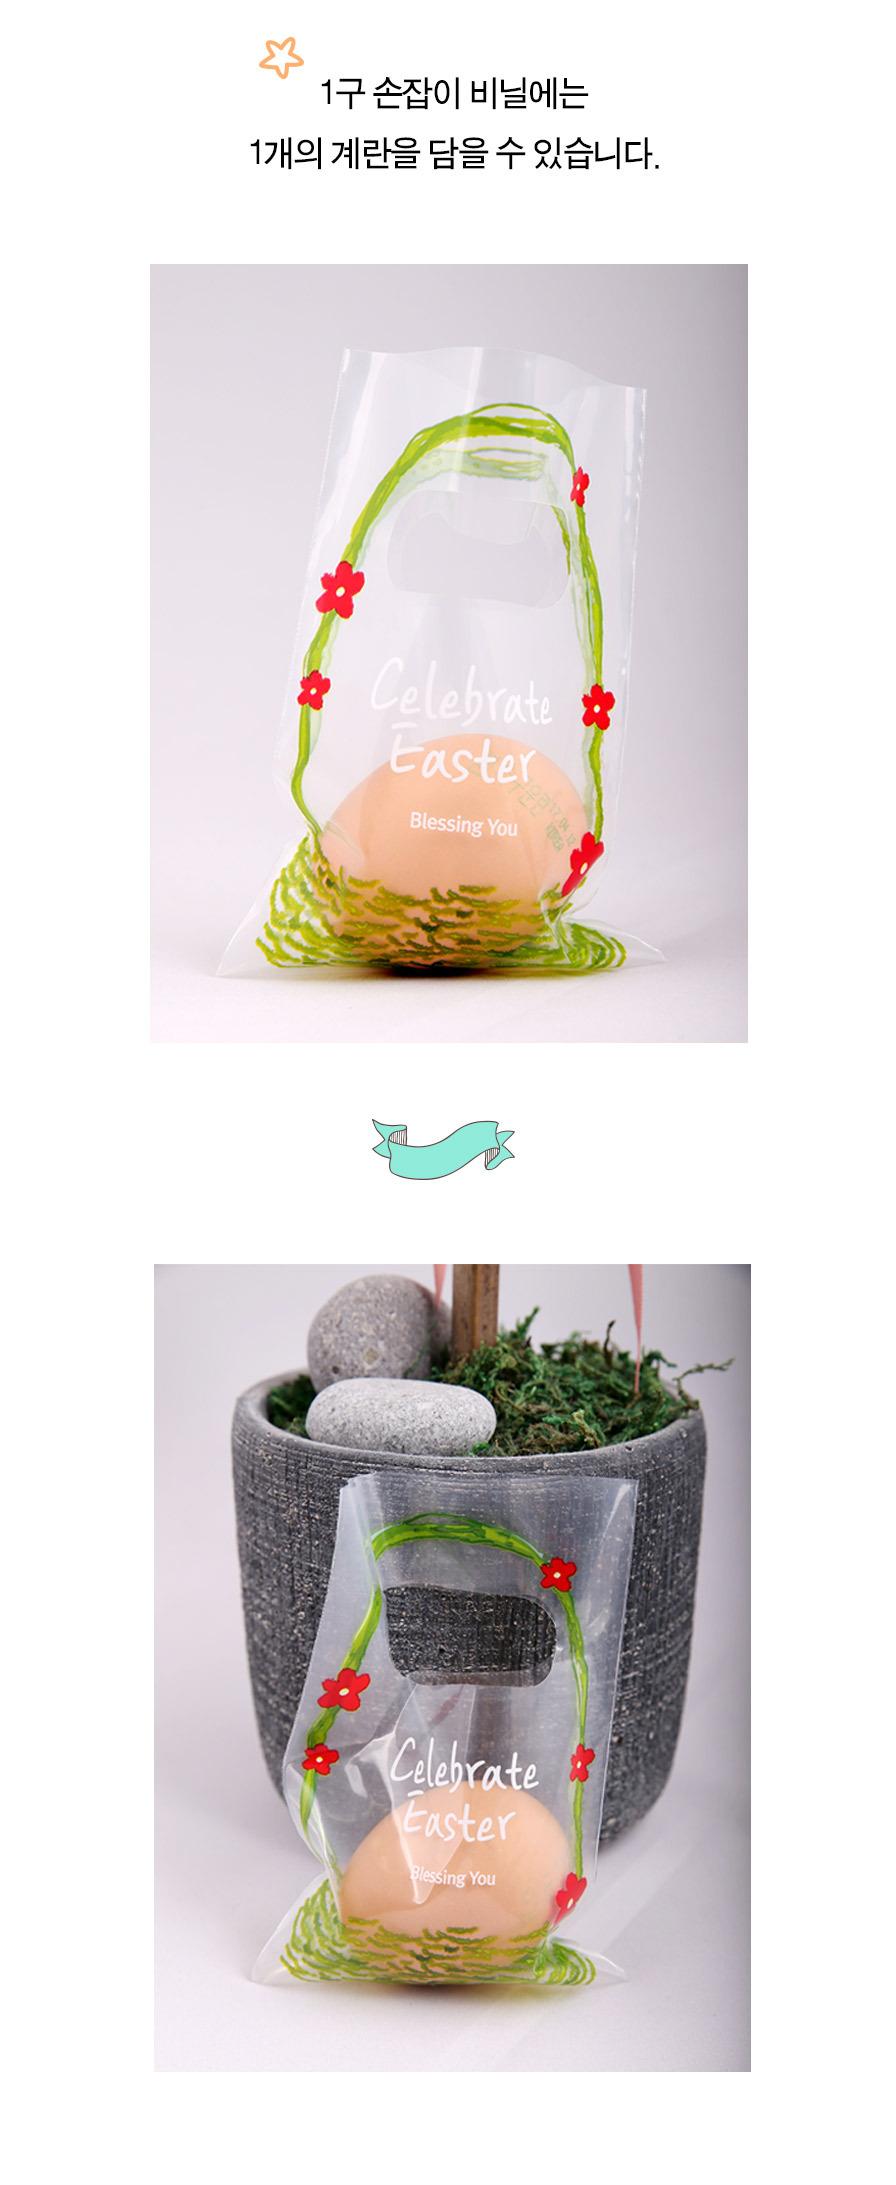 부활절 교회선물 포장재 1구 손잡이비닐 4종 - 1.셀러 상세보기